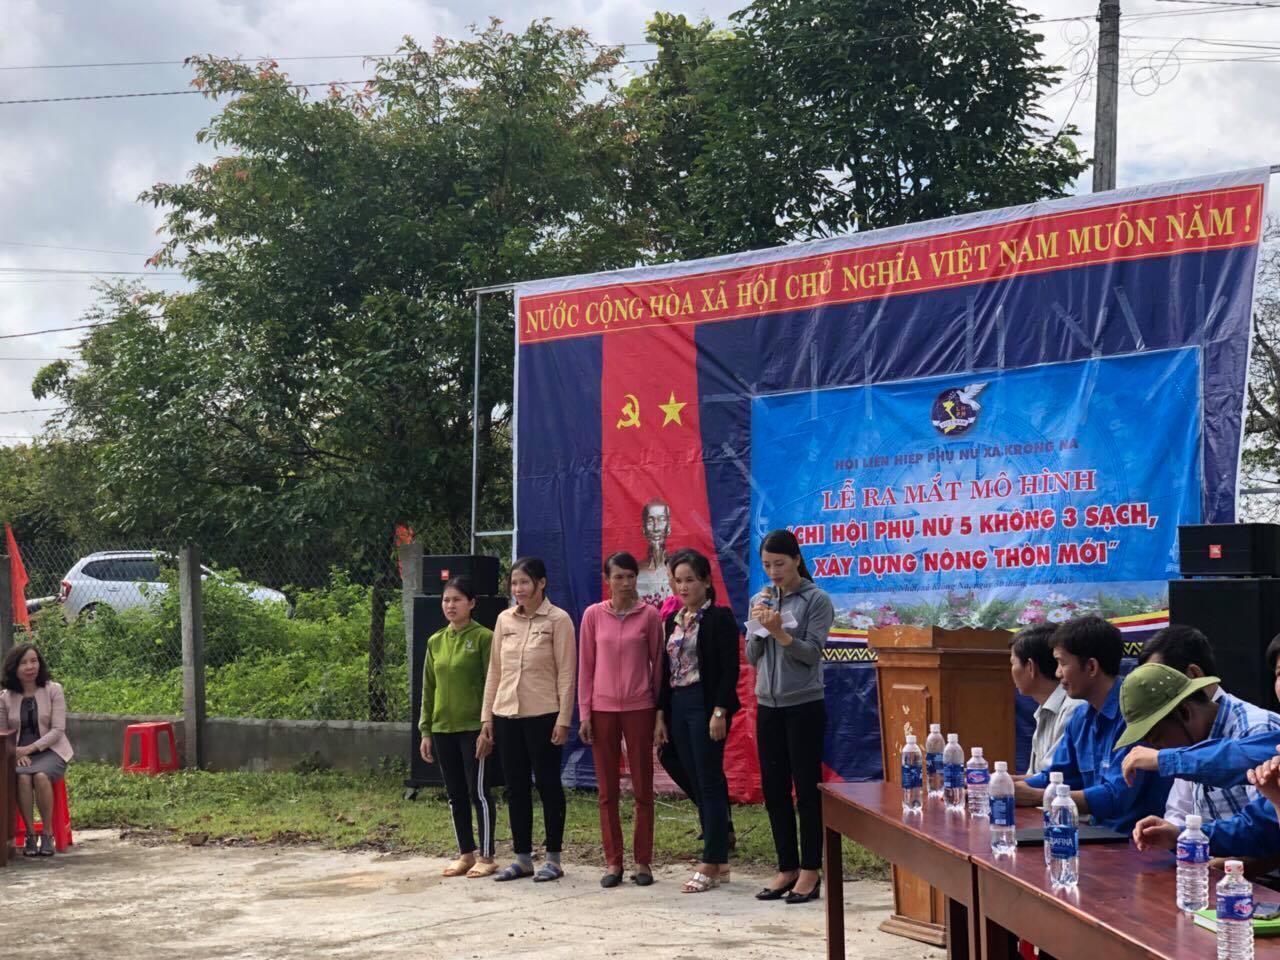 """Hội LHPN tỉnh Đắk Lắk ra mắt mô hình """"Chi hội phụ nữ 5 không 3 sạch"""" tại  xã biên giới"""